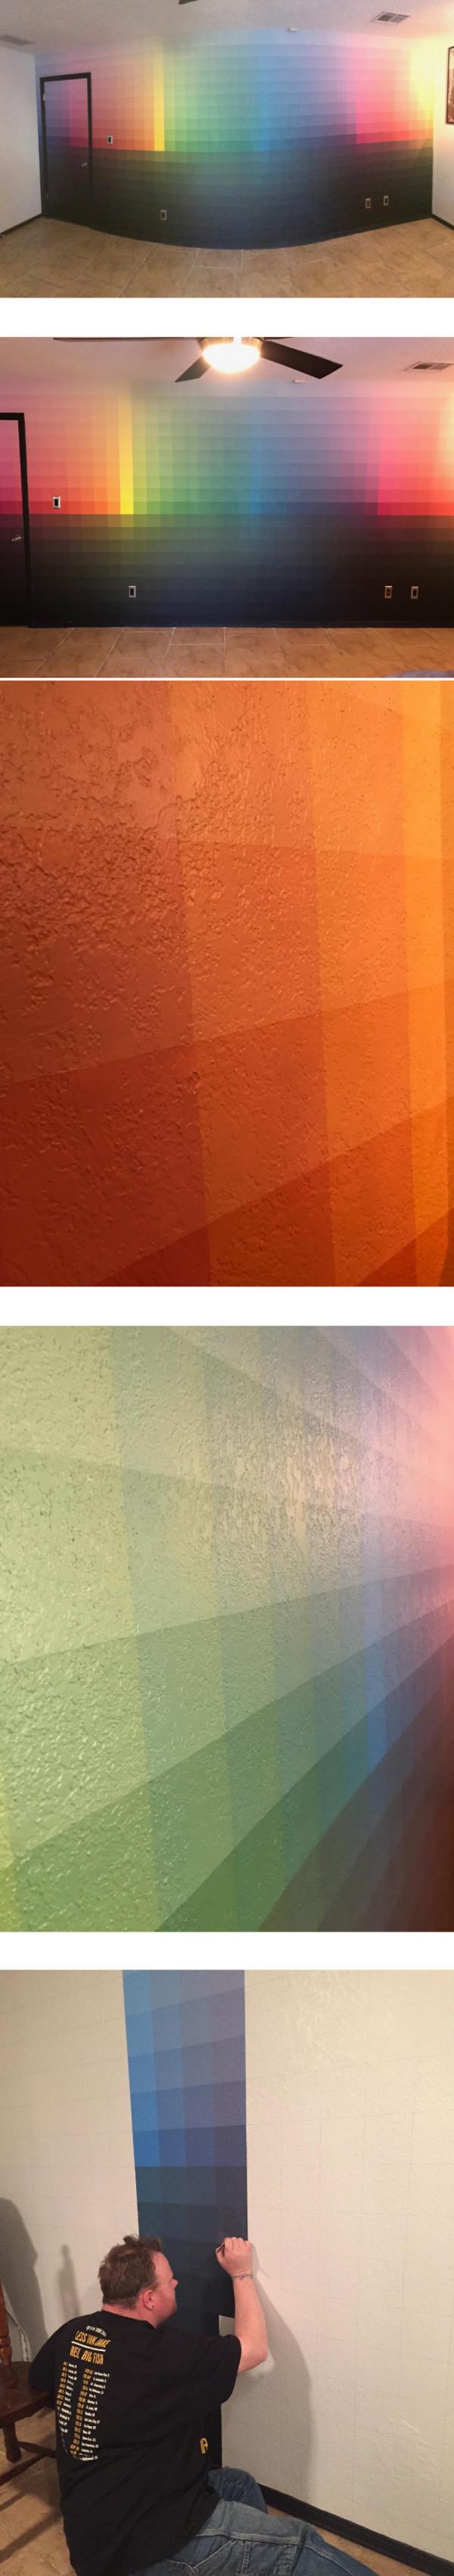 Ściana pomalowana na wszystkie możliwe kolory